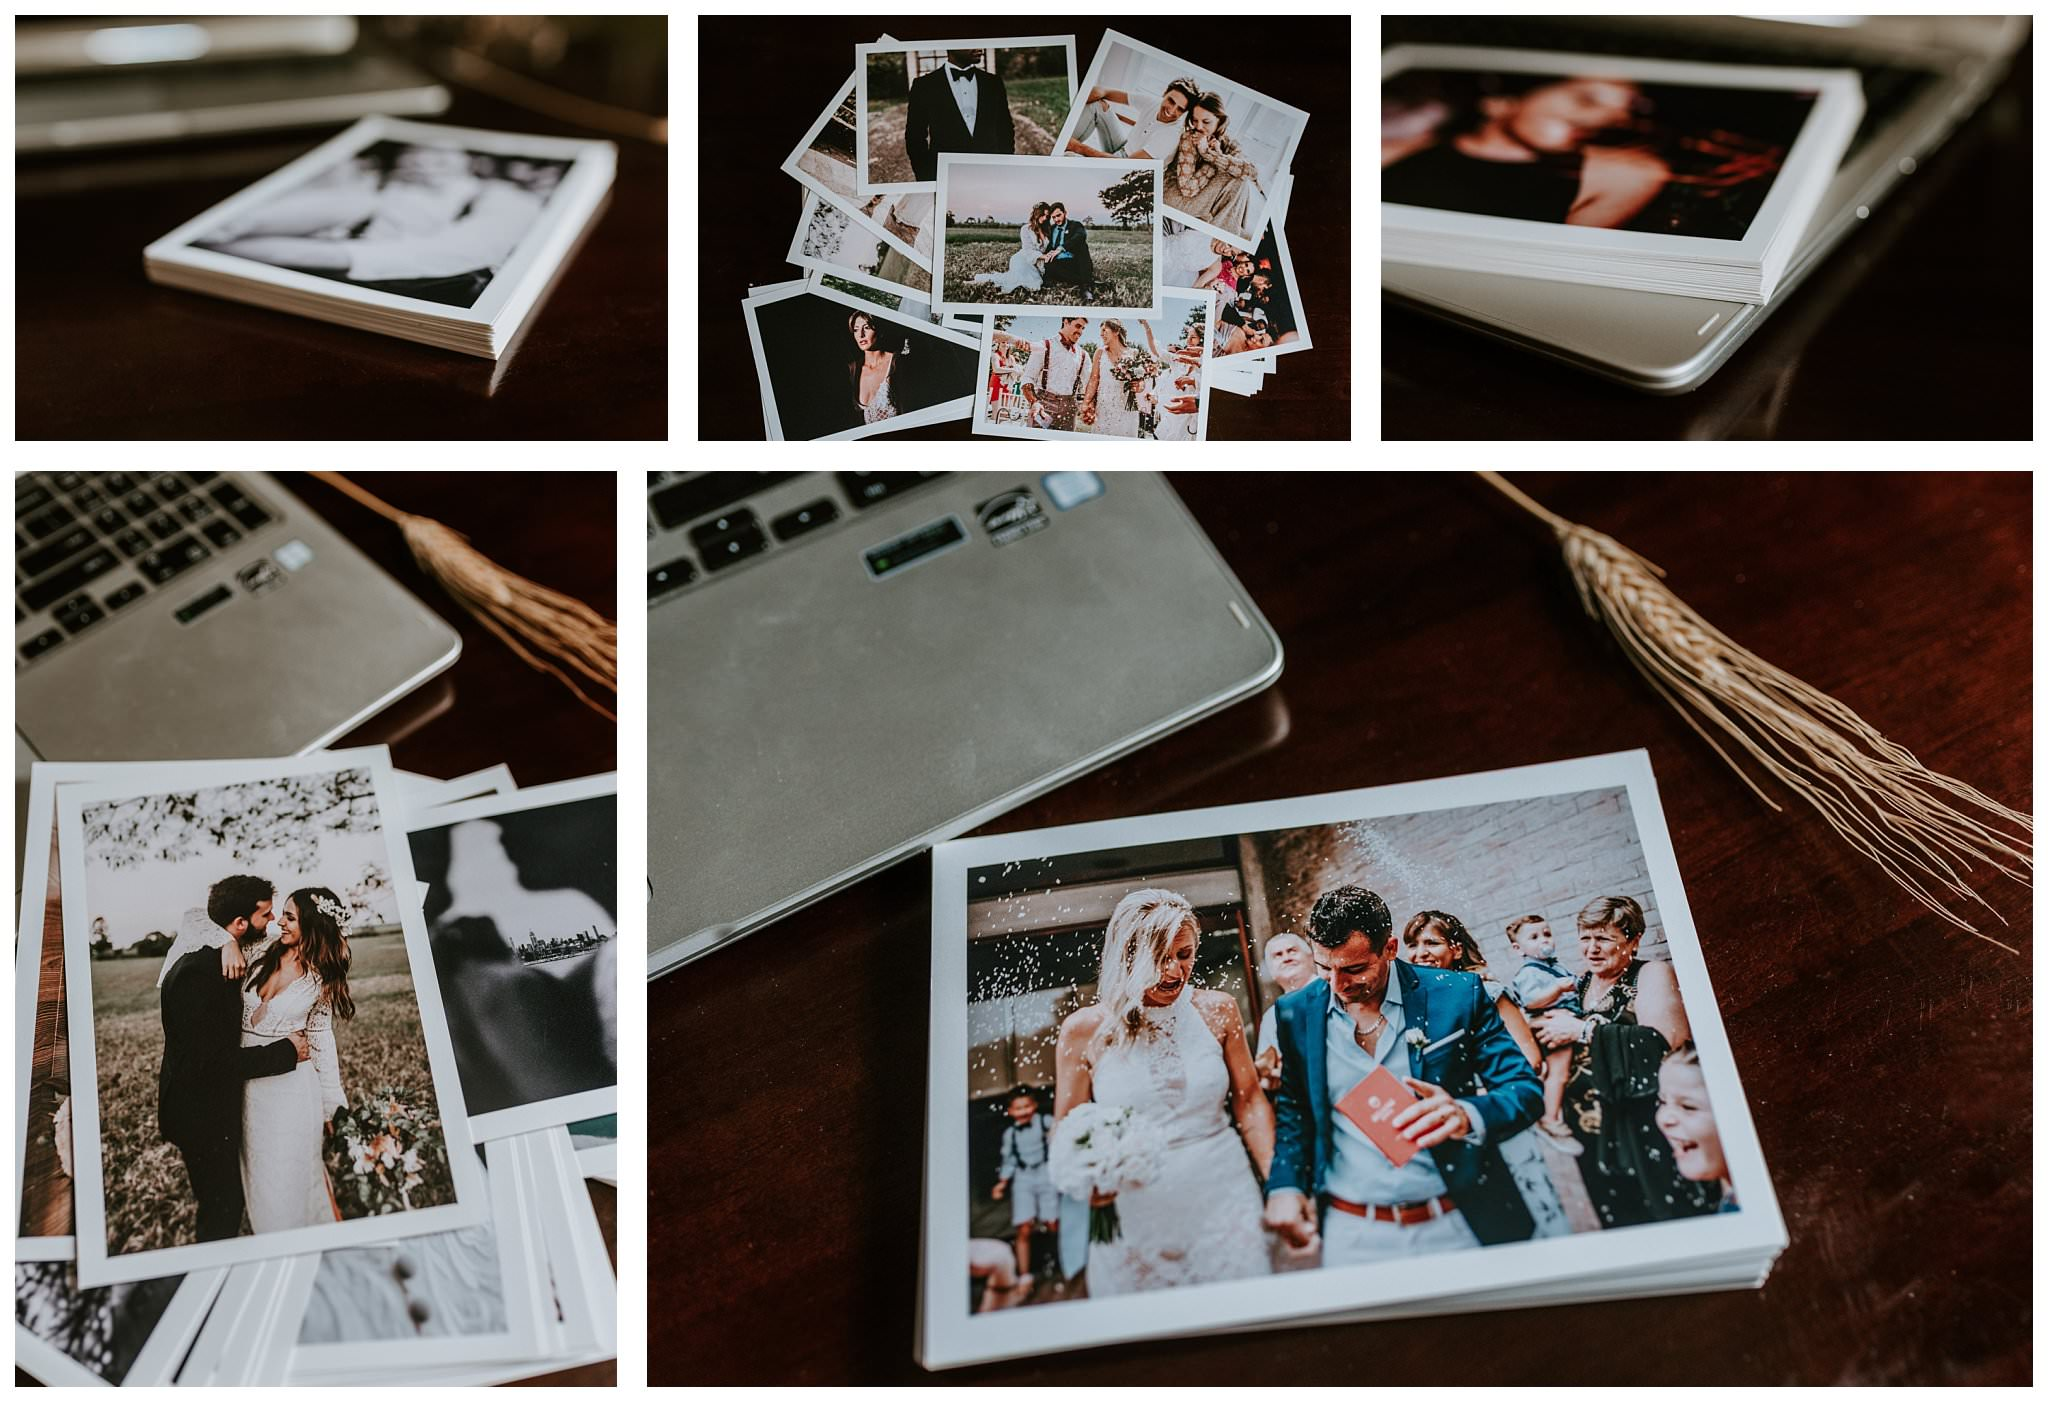 FOTOGRAFÍAS IMPRESAS - (30 FOTOS IMPRESAS 13X18 EN CUALQUIER DE LOS 3 PACKS)Textura MATENO IMAGINO MI TRABAJO SIN ENTREGAR FOTOS IMPRESAS.Aunque estamos tan acostumbrados a ver nuestras fotos en pantalla no podemos negar que nos transmiten nuevas e intensas sensaciones cuando tenemos una buena copia en papel. El hecho de ver nuestras fotos en pantalla de portátiles, tablets o incluso smartphones nos provoca no apreciar bien los detalles que nos puede ofrecer una FOTO IMPRESA